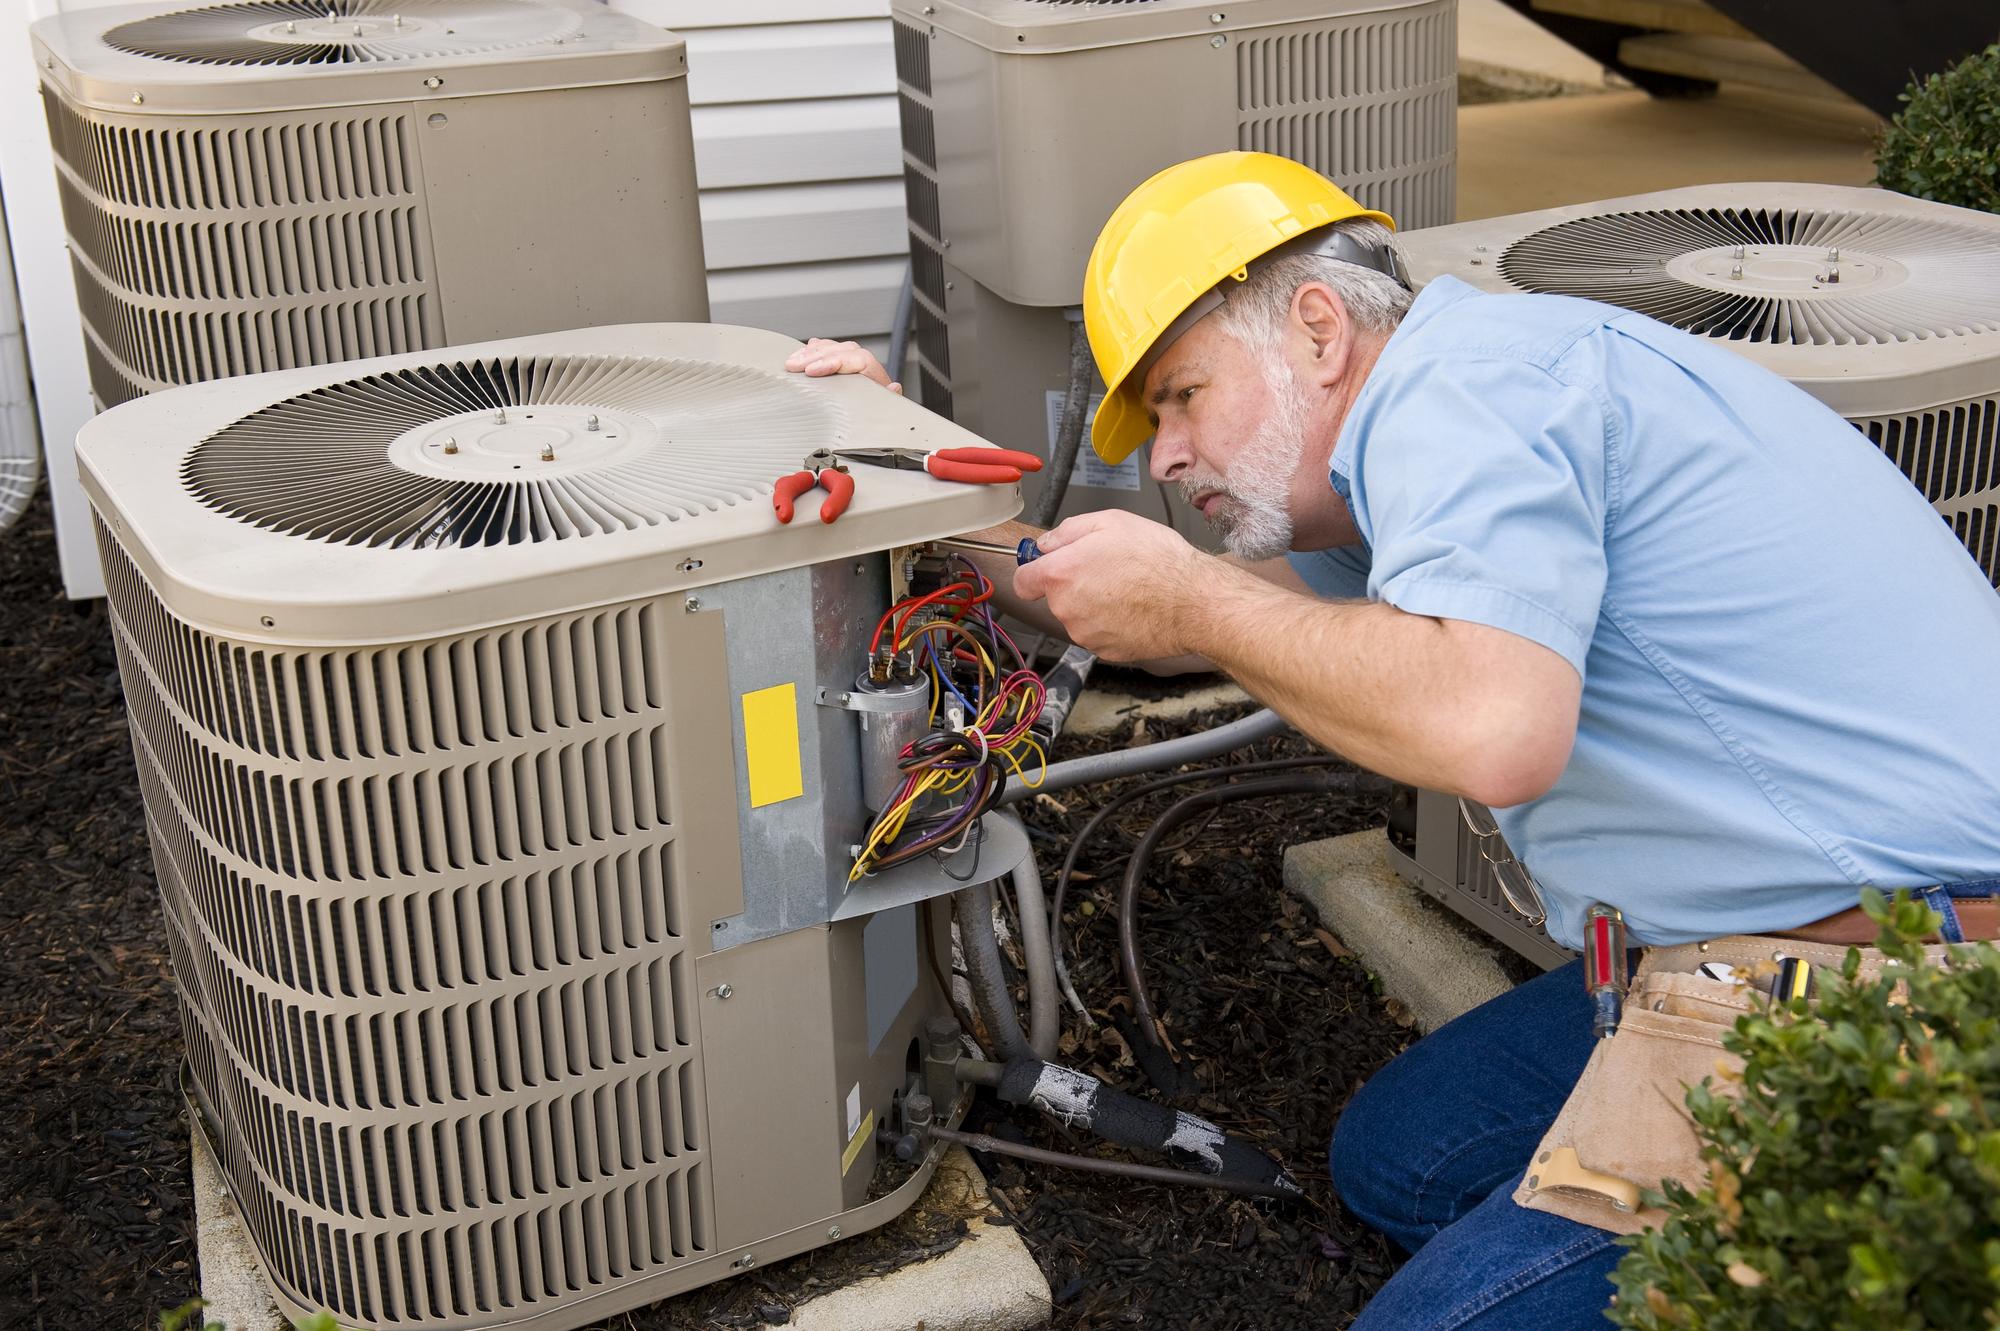 An HVAC Technician at work